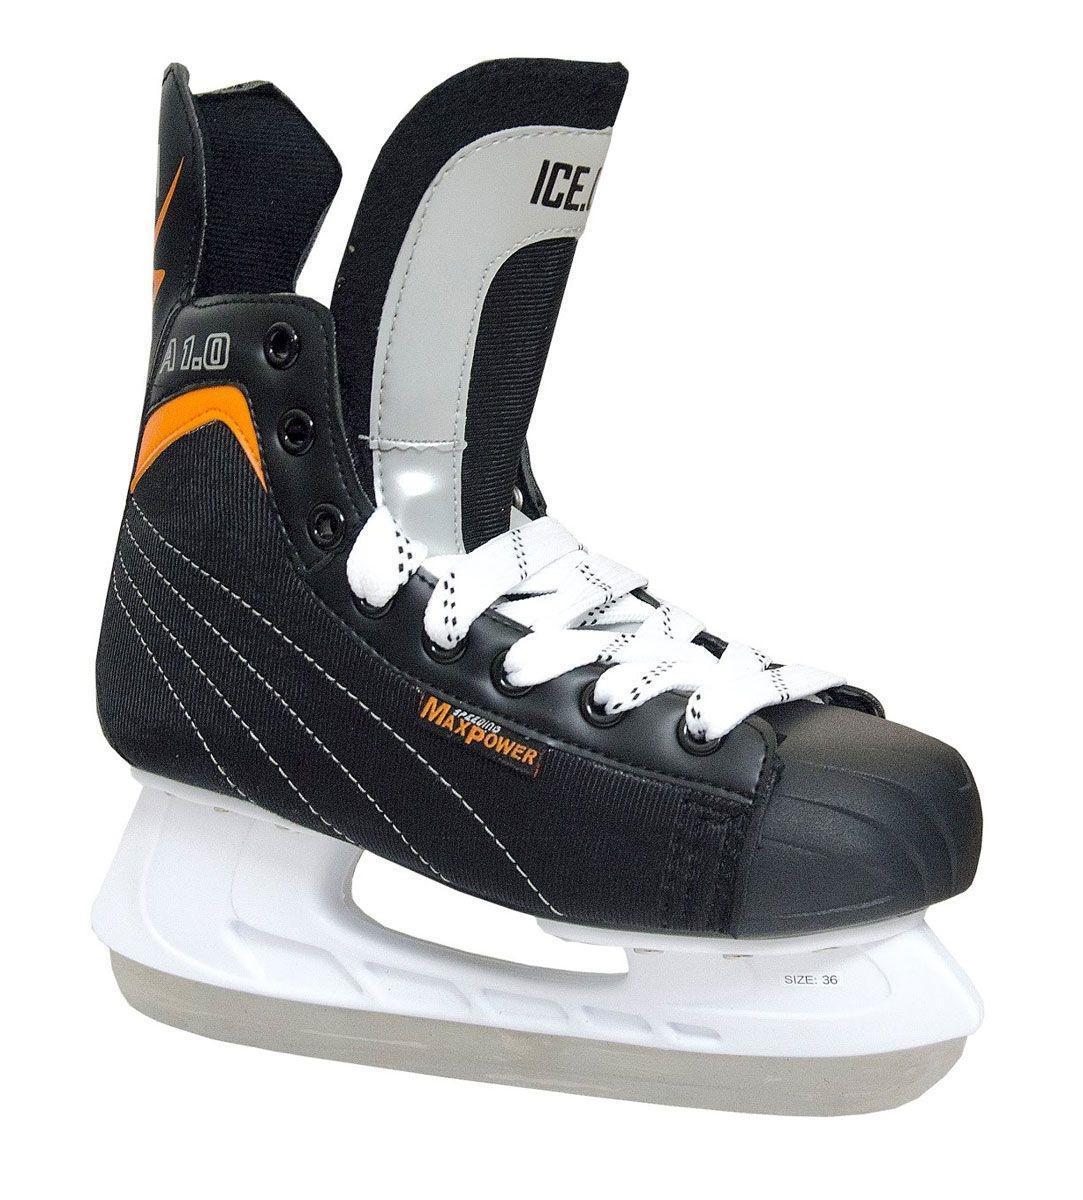 Коньки хоккейные Ice.Com A 1.0 2014, цвет: черный, оранжевый. Размер 36